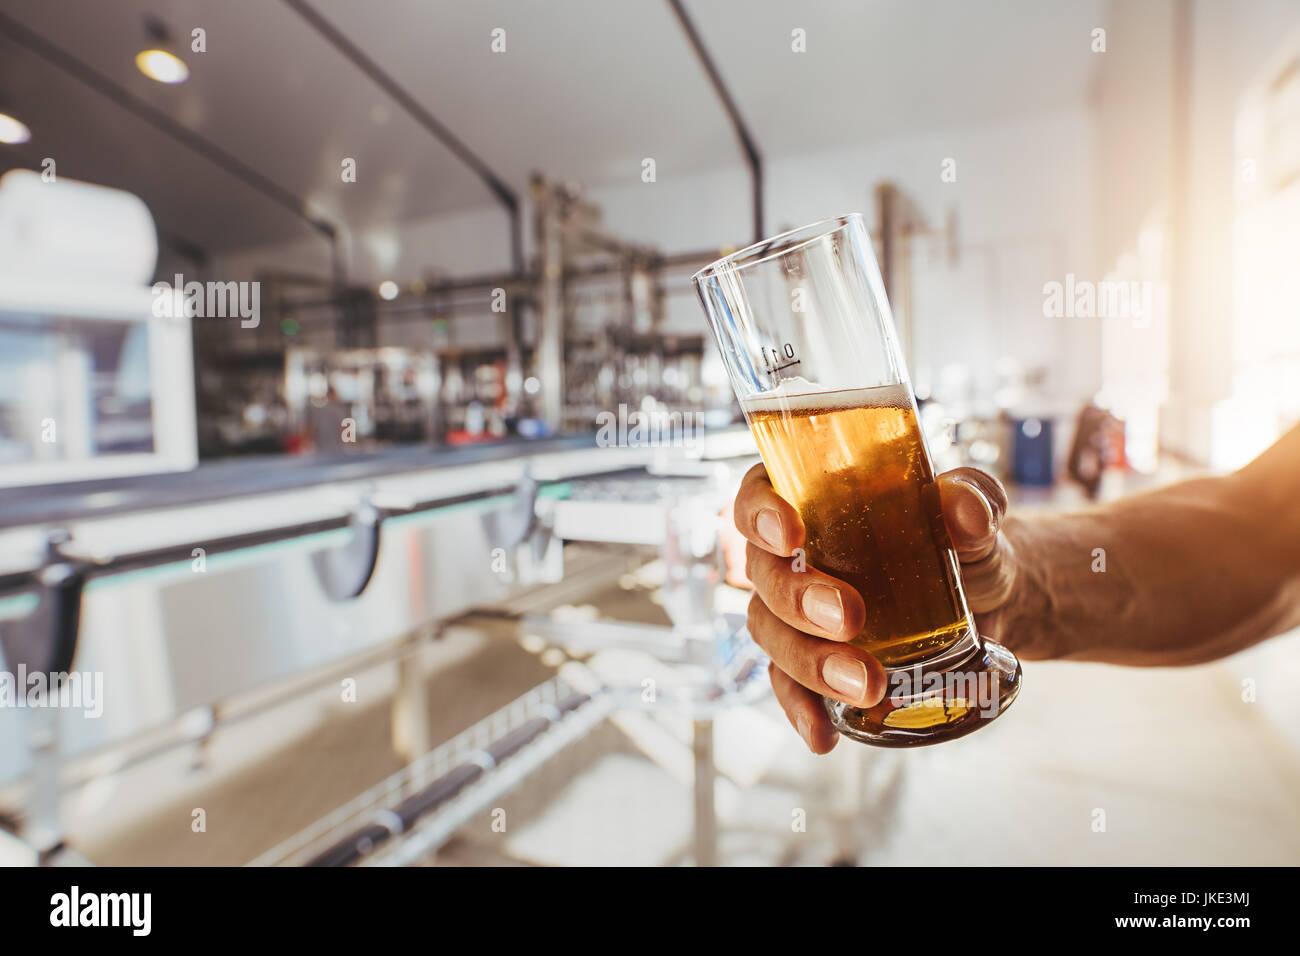 Nahaufnahme von Brauer Bier Brauerei werkseitig getestet. Hand des Mannes mit einem Probe-Glas Bier. Stockbild